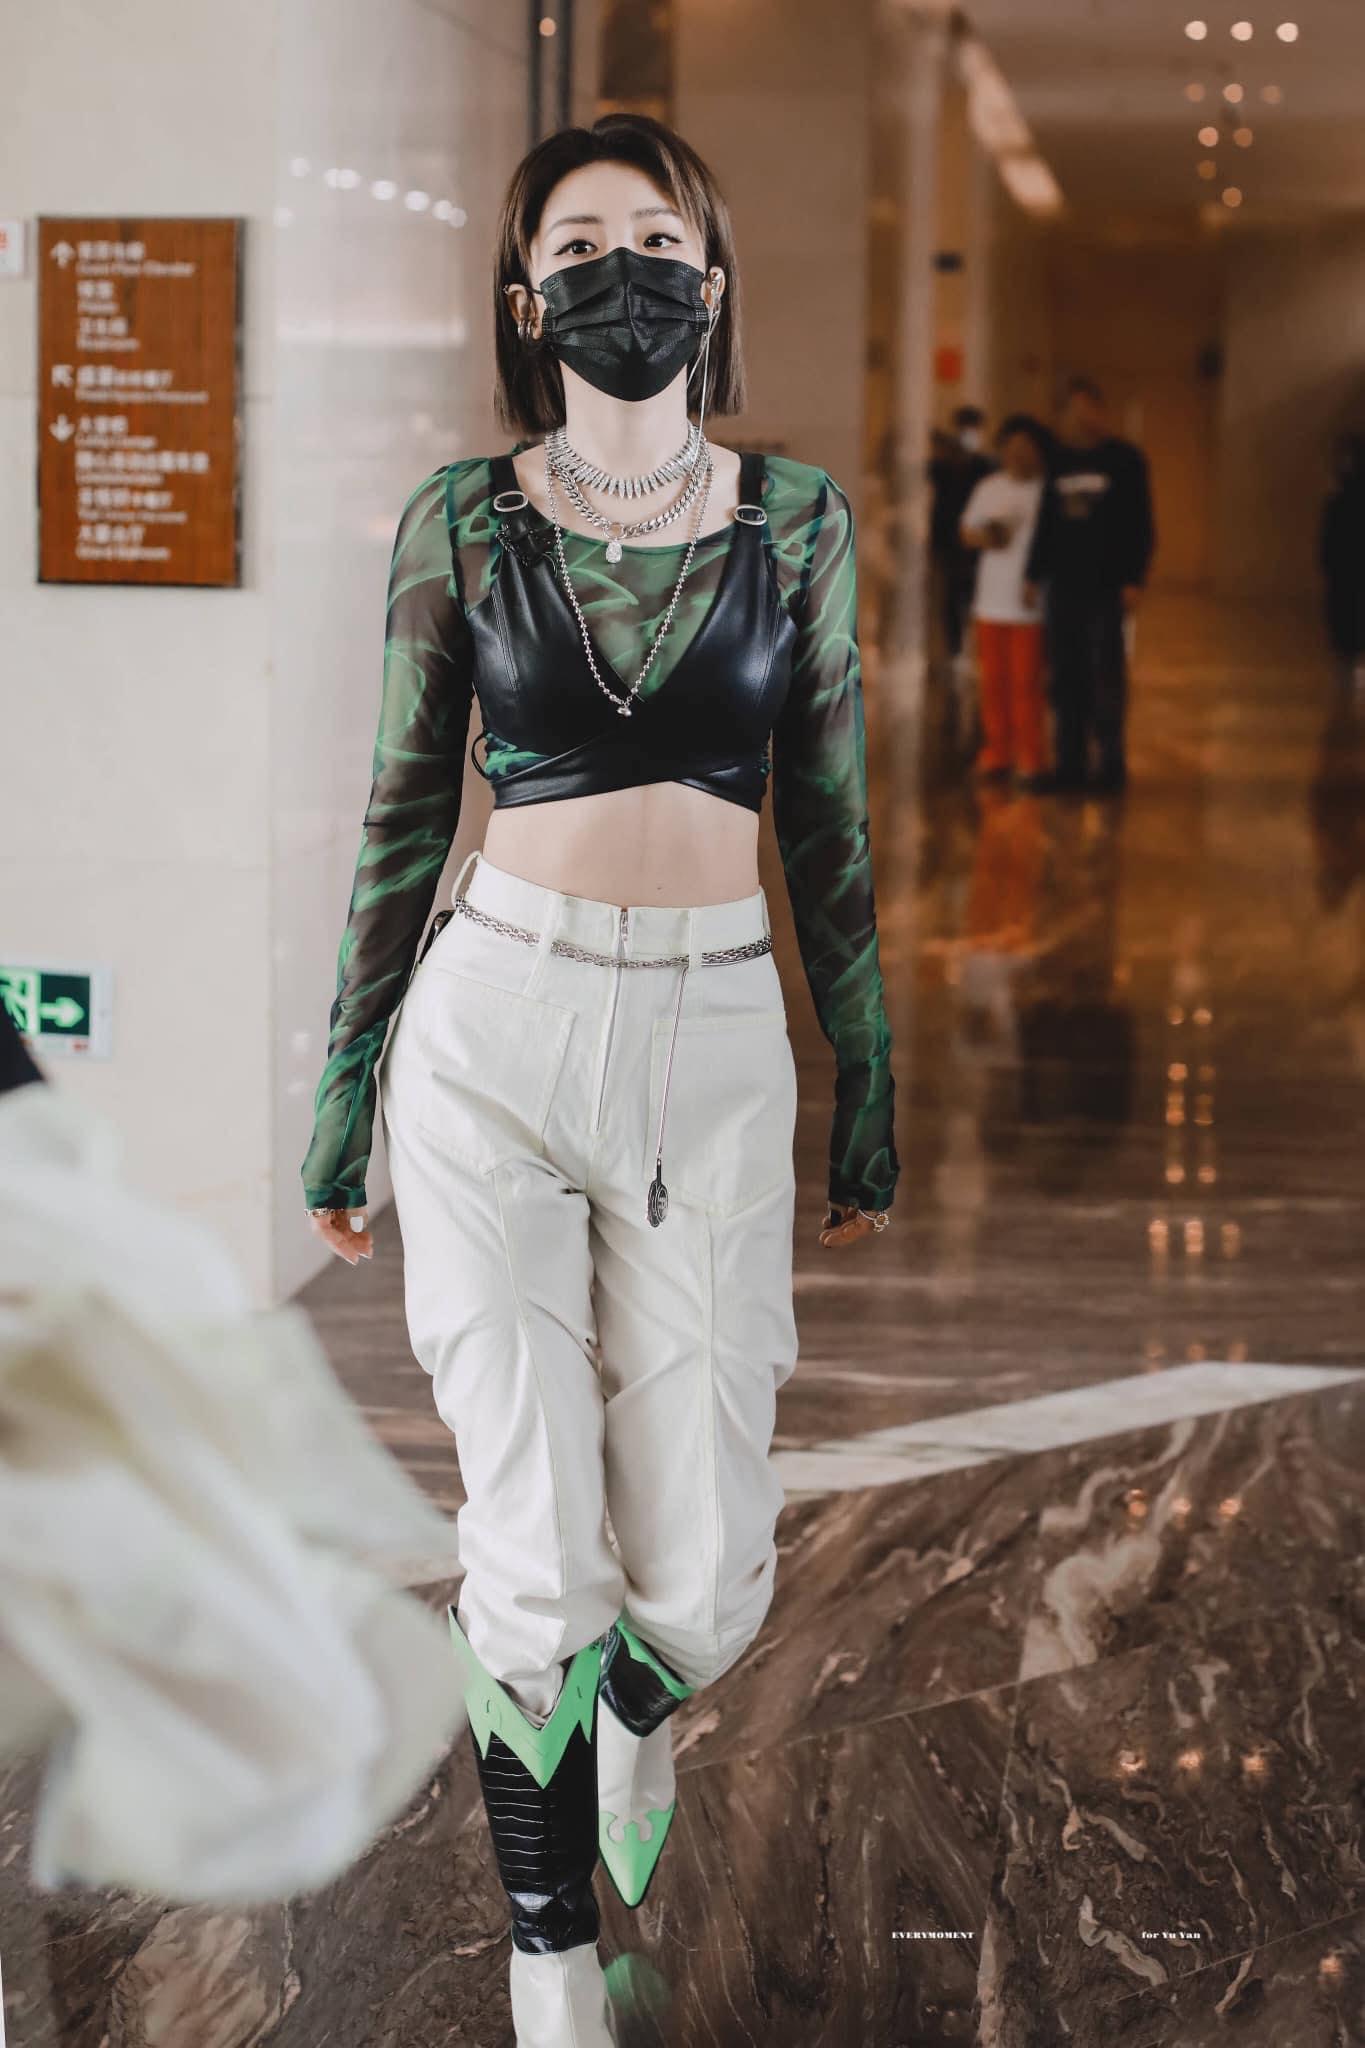 Dụ Ngôn được đánh giá là một trong những thành viên The9 toàn năng, vocal chất lượng và vũ đạo cũng đỉnh. Cô nàng là đối thủ đáng gờm trong show thi đấu lần này.